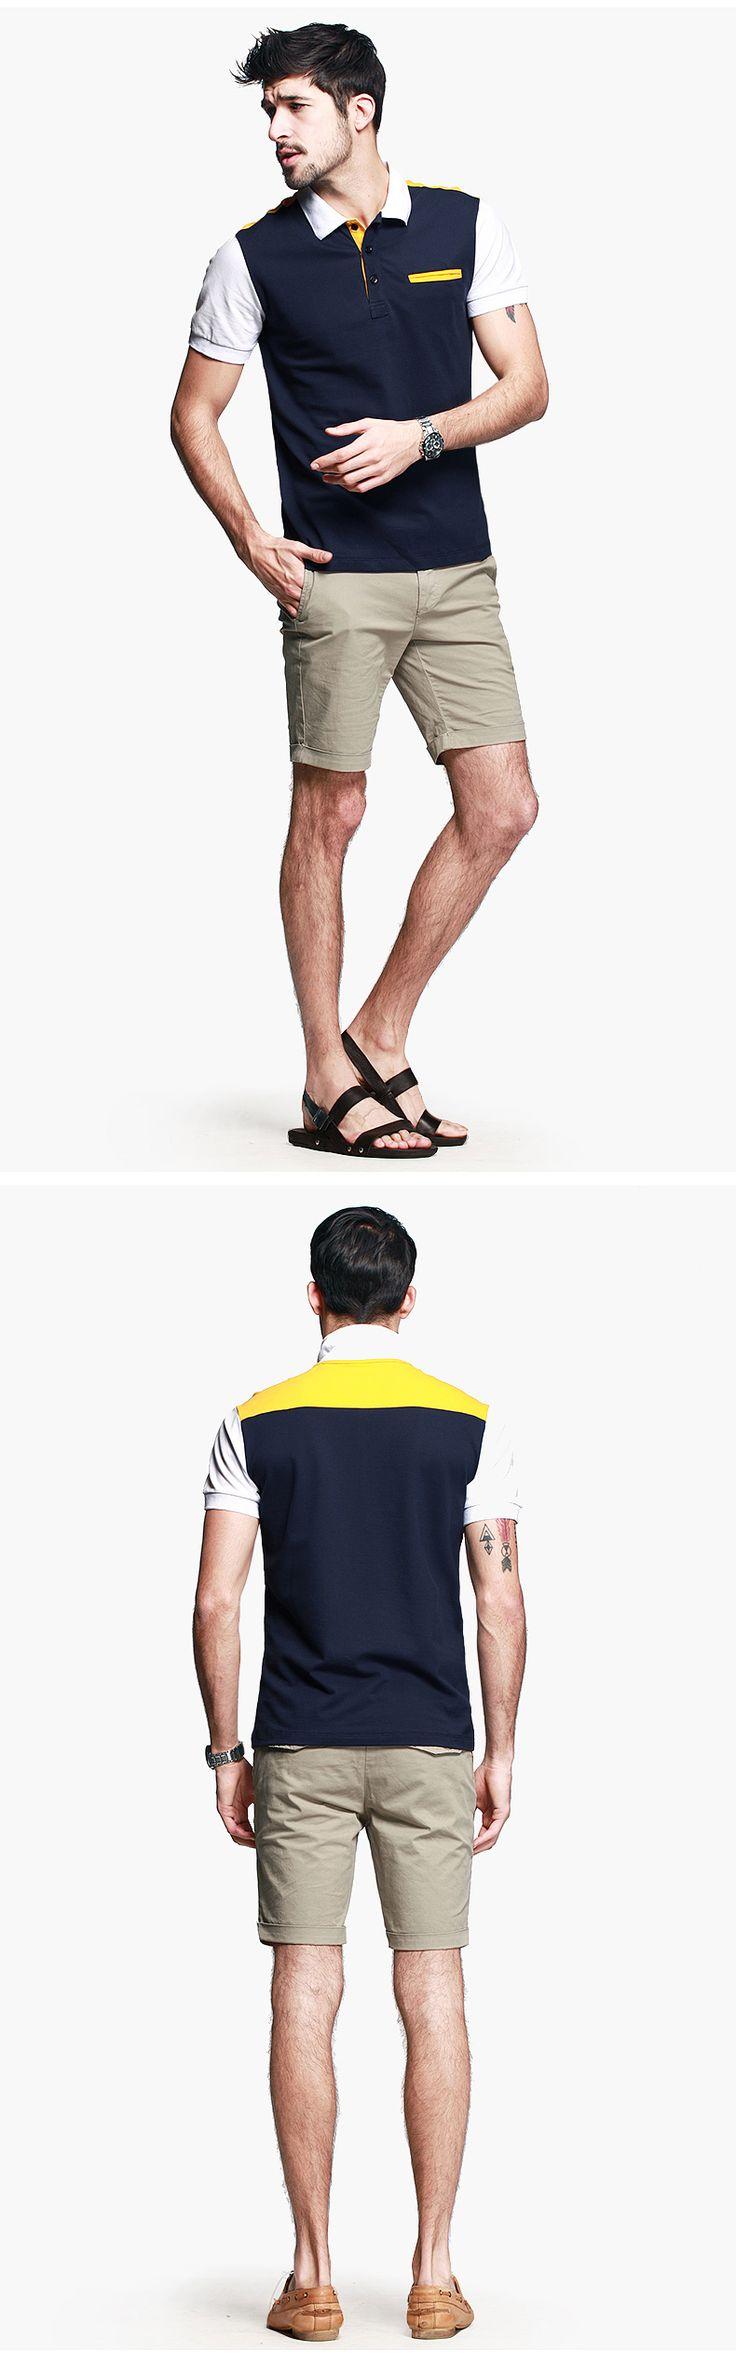 [Со скидкой] моды случайные хит цвет рубашки поло мужской с коротким рукавом с коротким рукавом рубашки мужские шить T-559-tmall.com Lynx